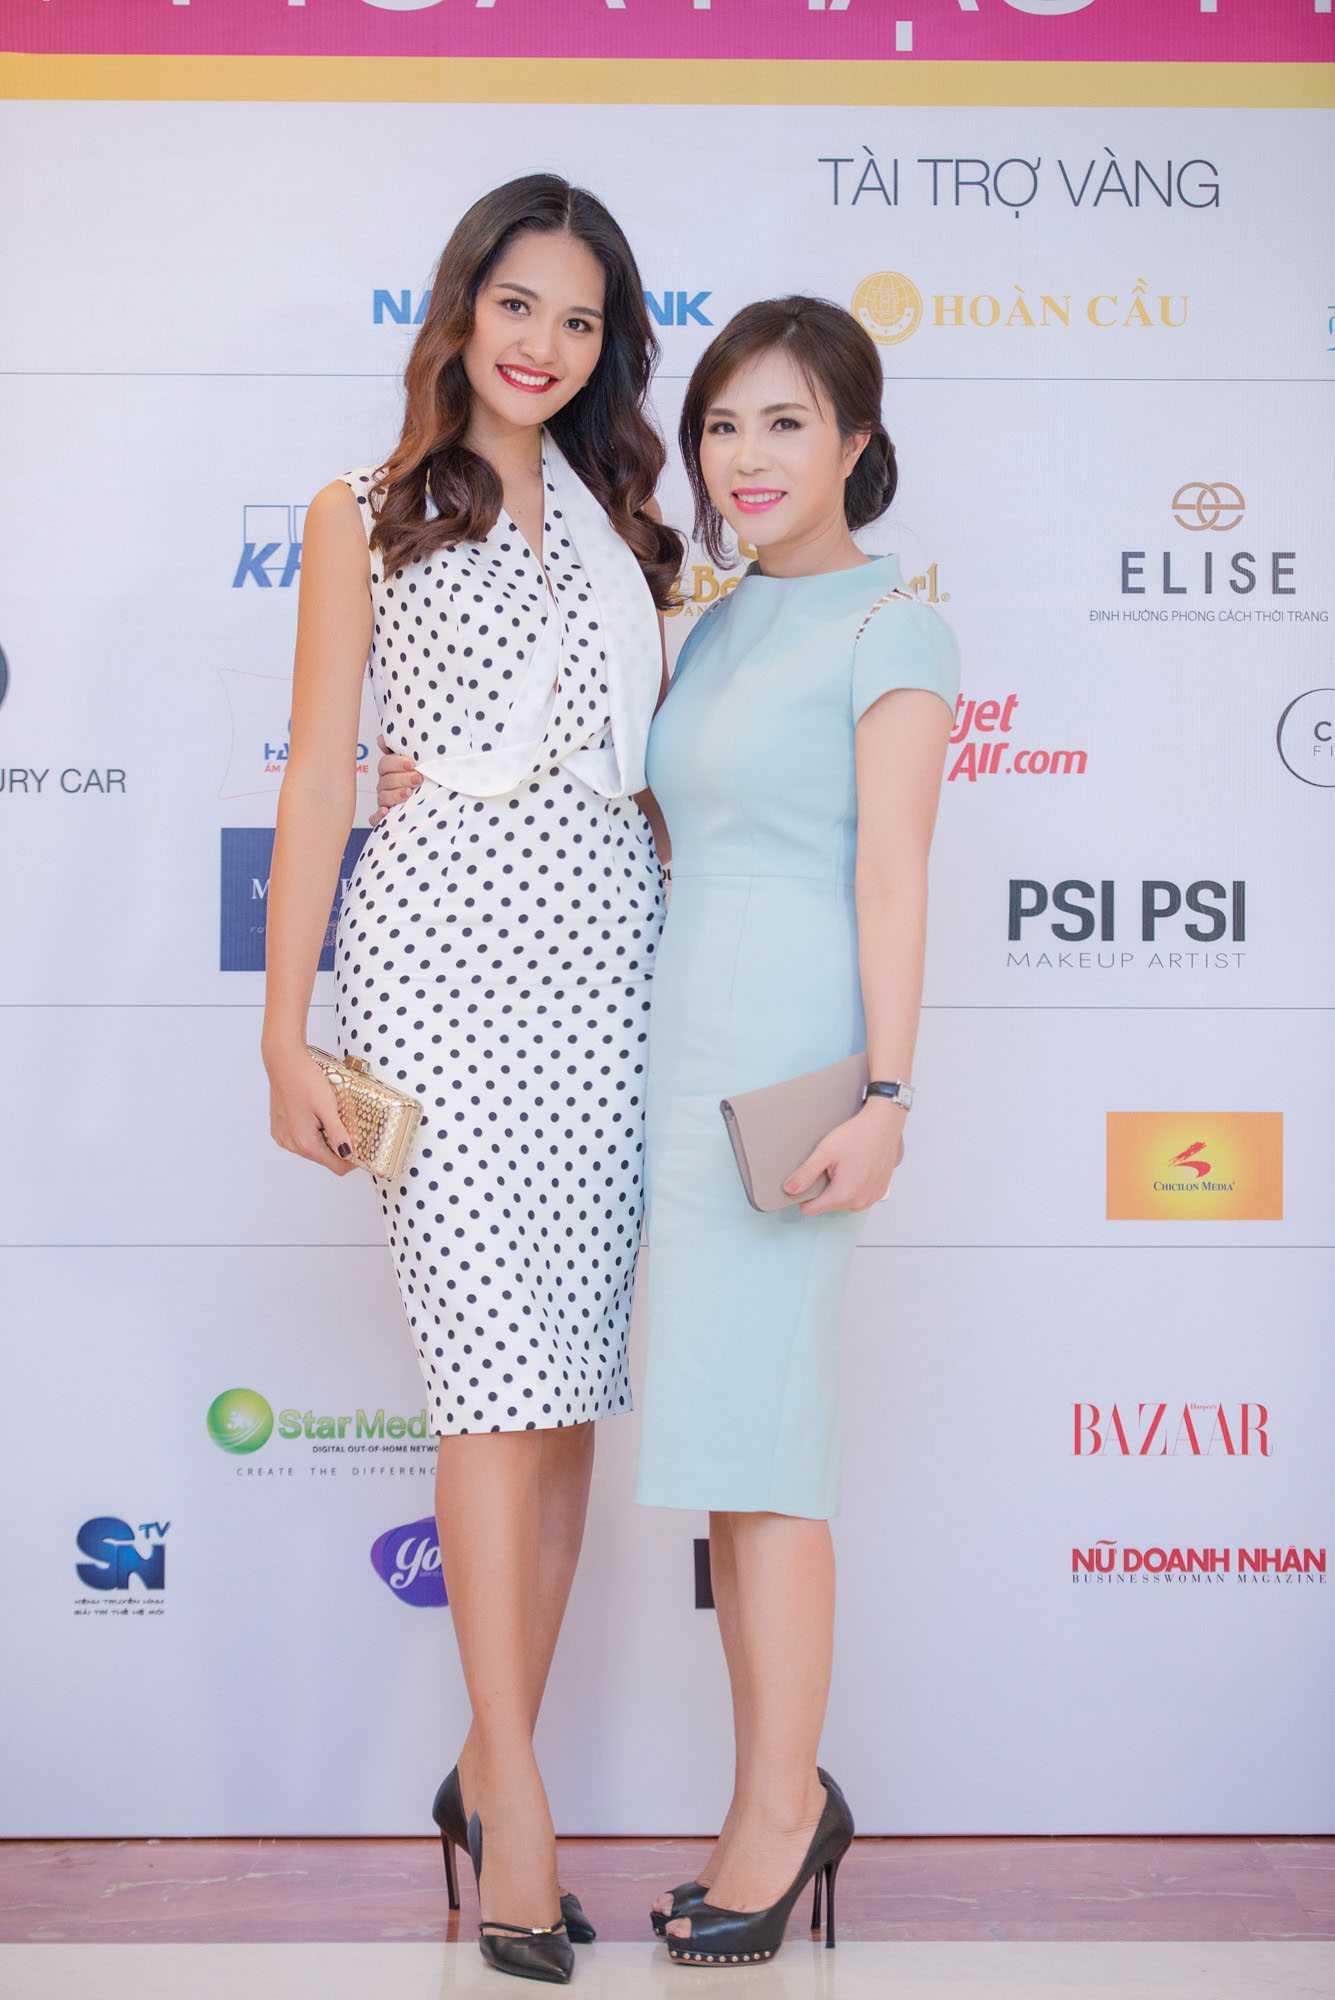 Bà Lưu Nga chụp ảnh cùng Hoa hậu Hương Giang